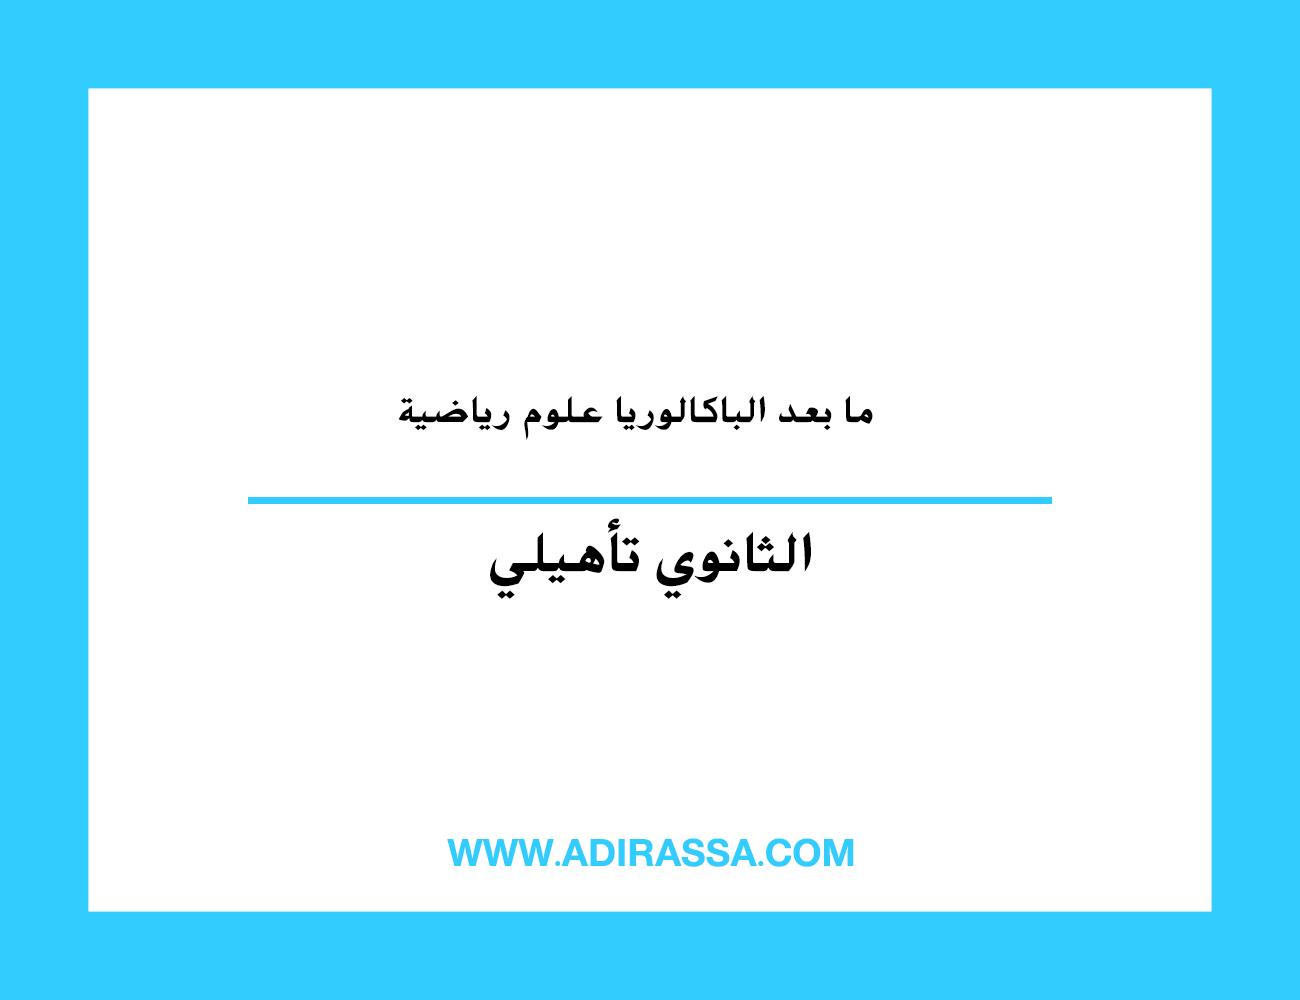 ما بعد الباكالوريا علوم رياضية حسب المؤسسات و التكوينات المتاحة الولوج بالمغرب